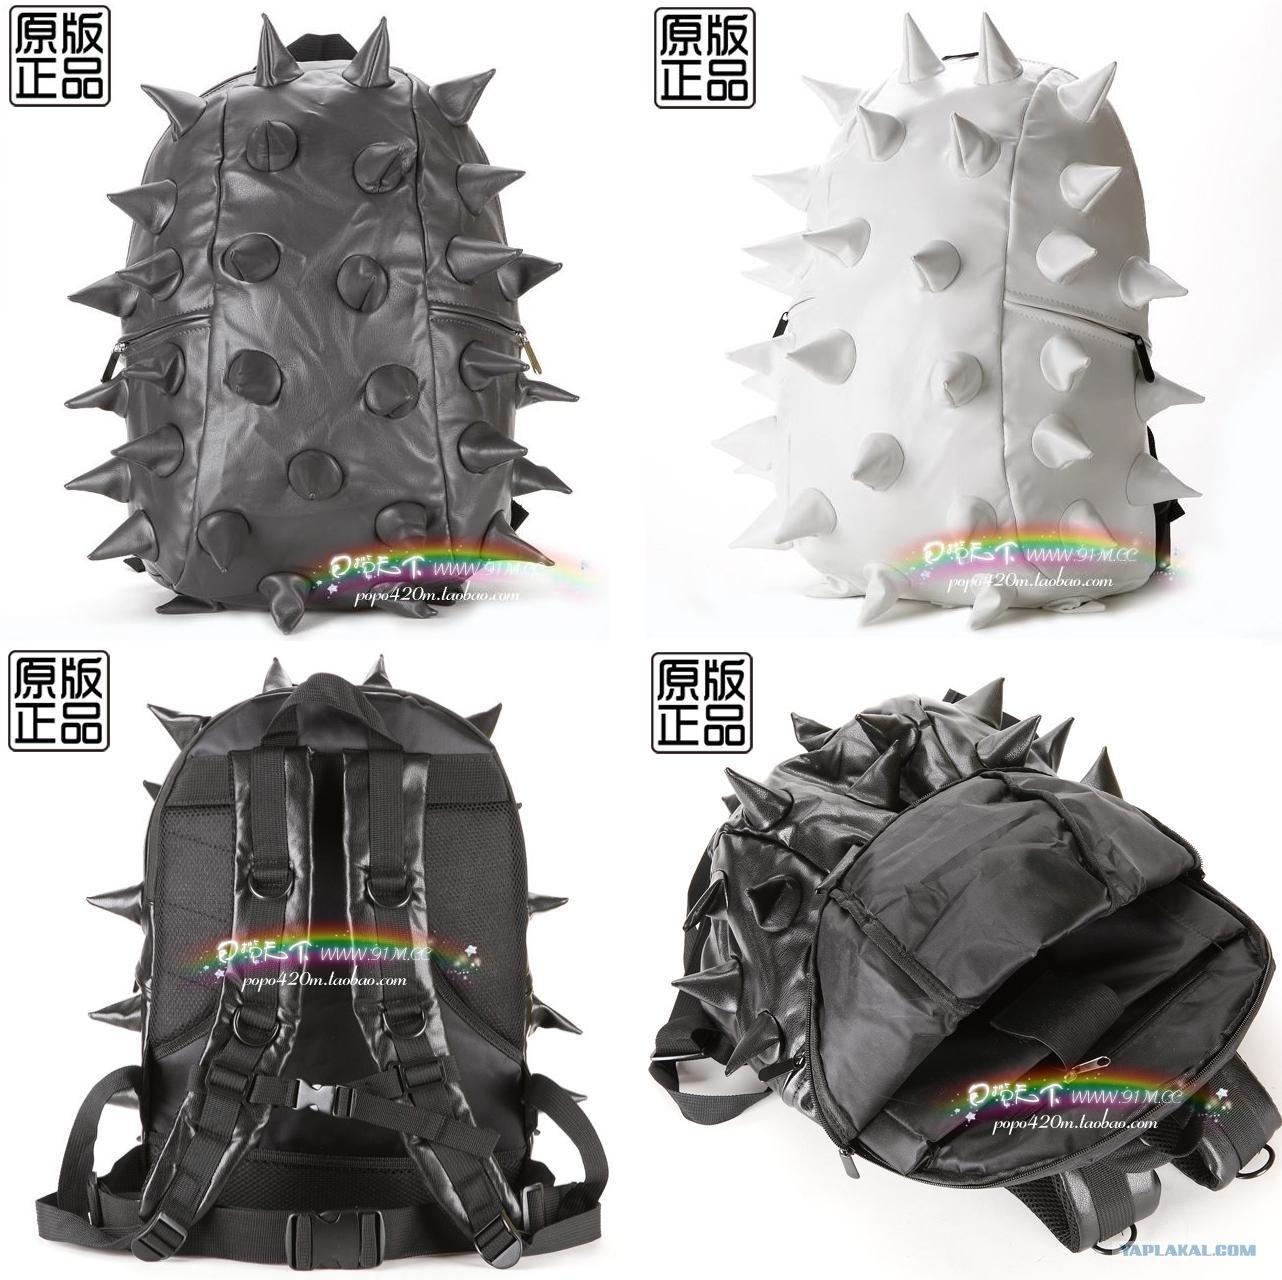 не кто не натыкался на такие рюкзаки в интернете прикупил бы себе.